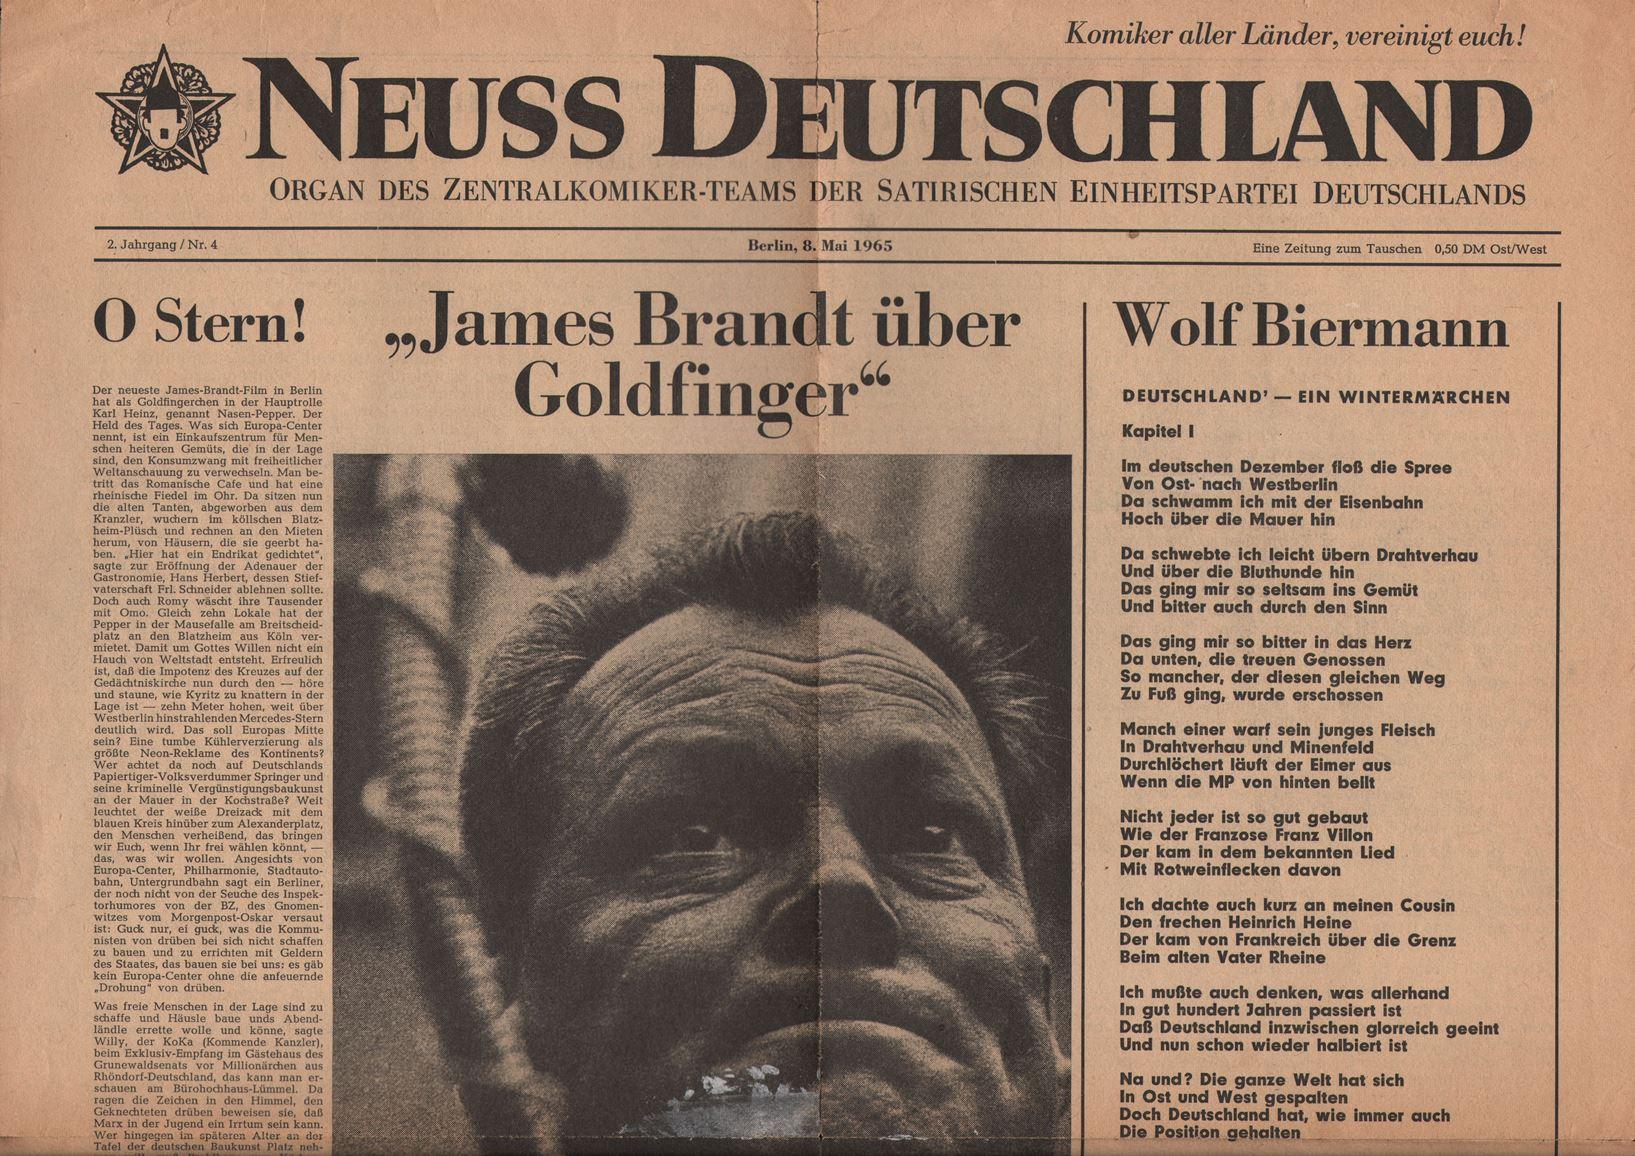 Neuss_Deutschland005